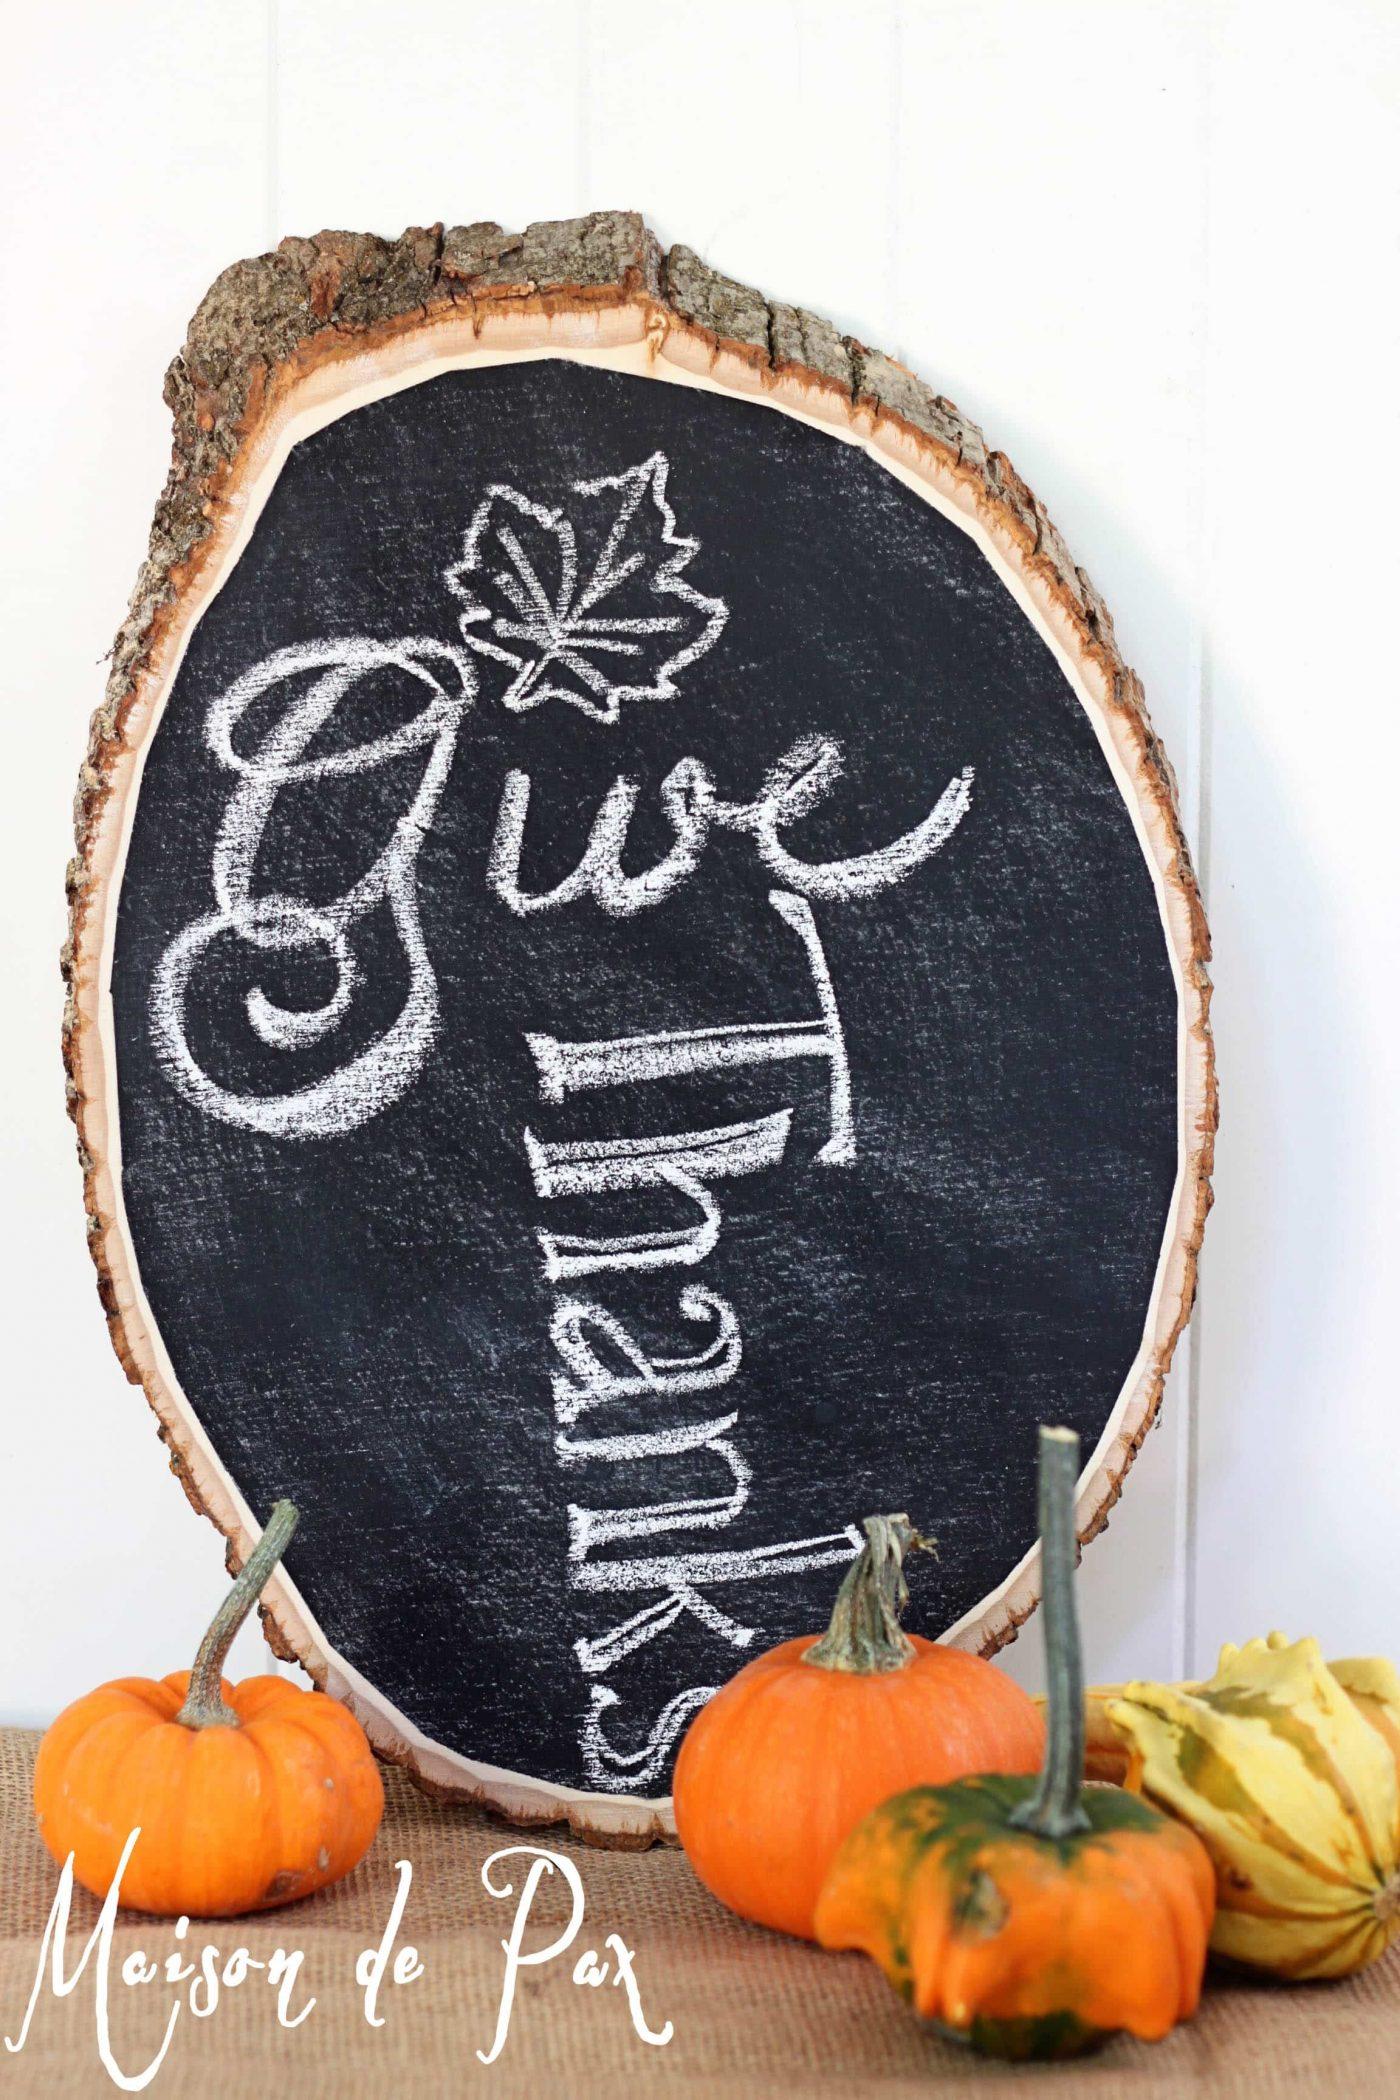 how to turn a log into a chalkboard sign via maisondepax.com #tutorial #diy #chalkboard #log